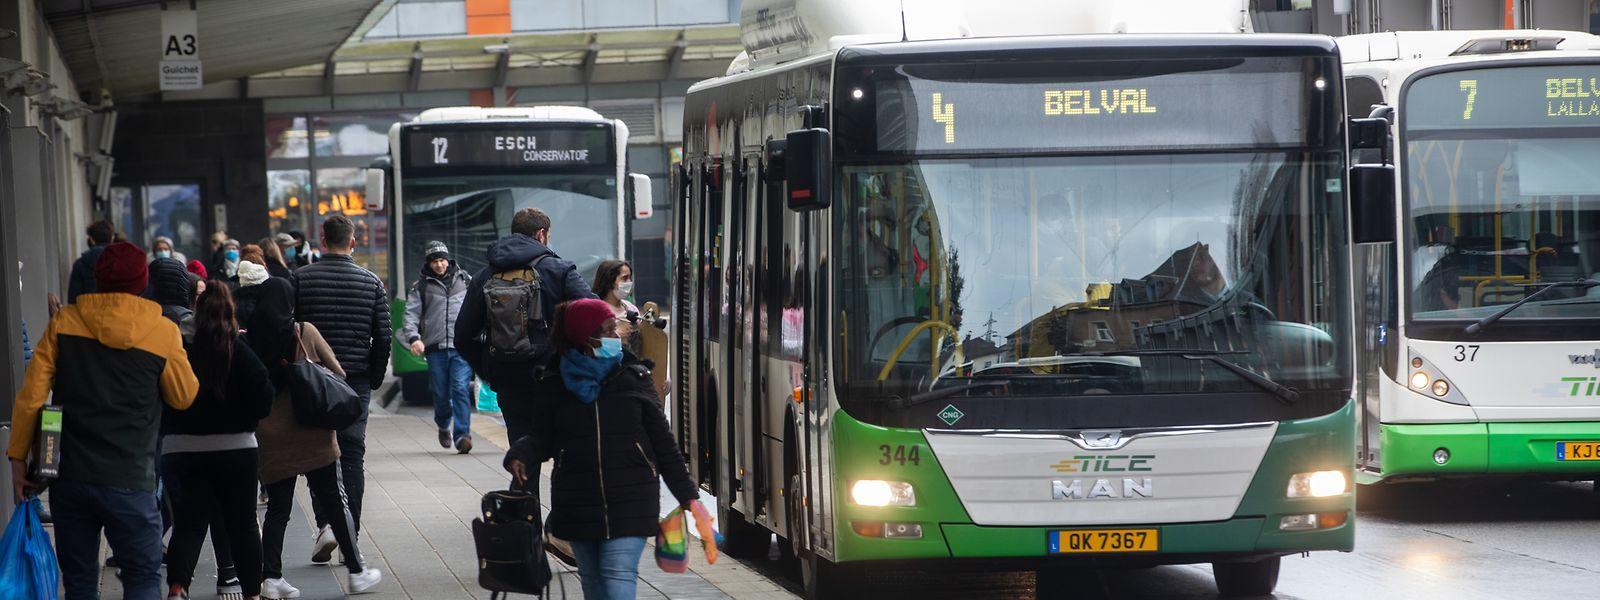 Die Arbeitsplätze der Mitarbeiter von Busunternehmen sind für die Dauer des Beschäftigungsplans sicher.